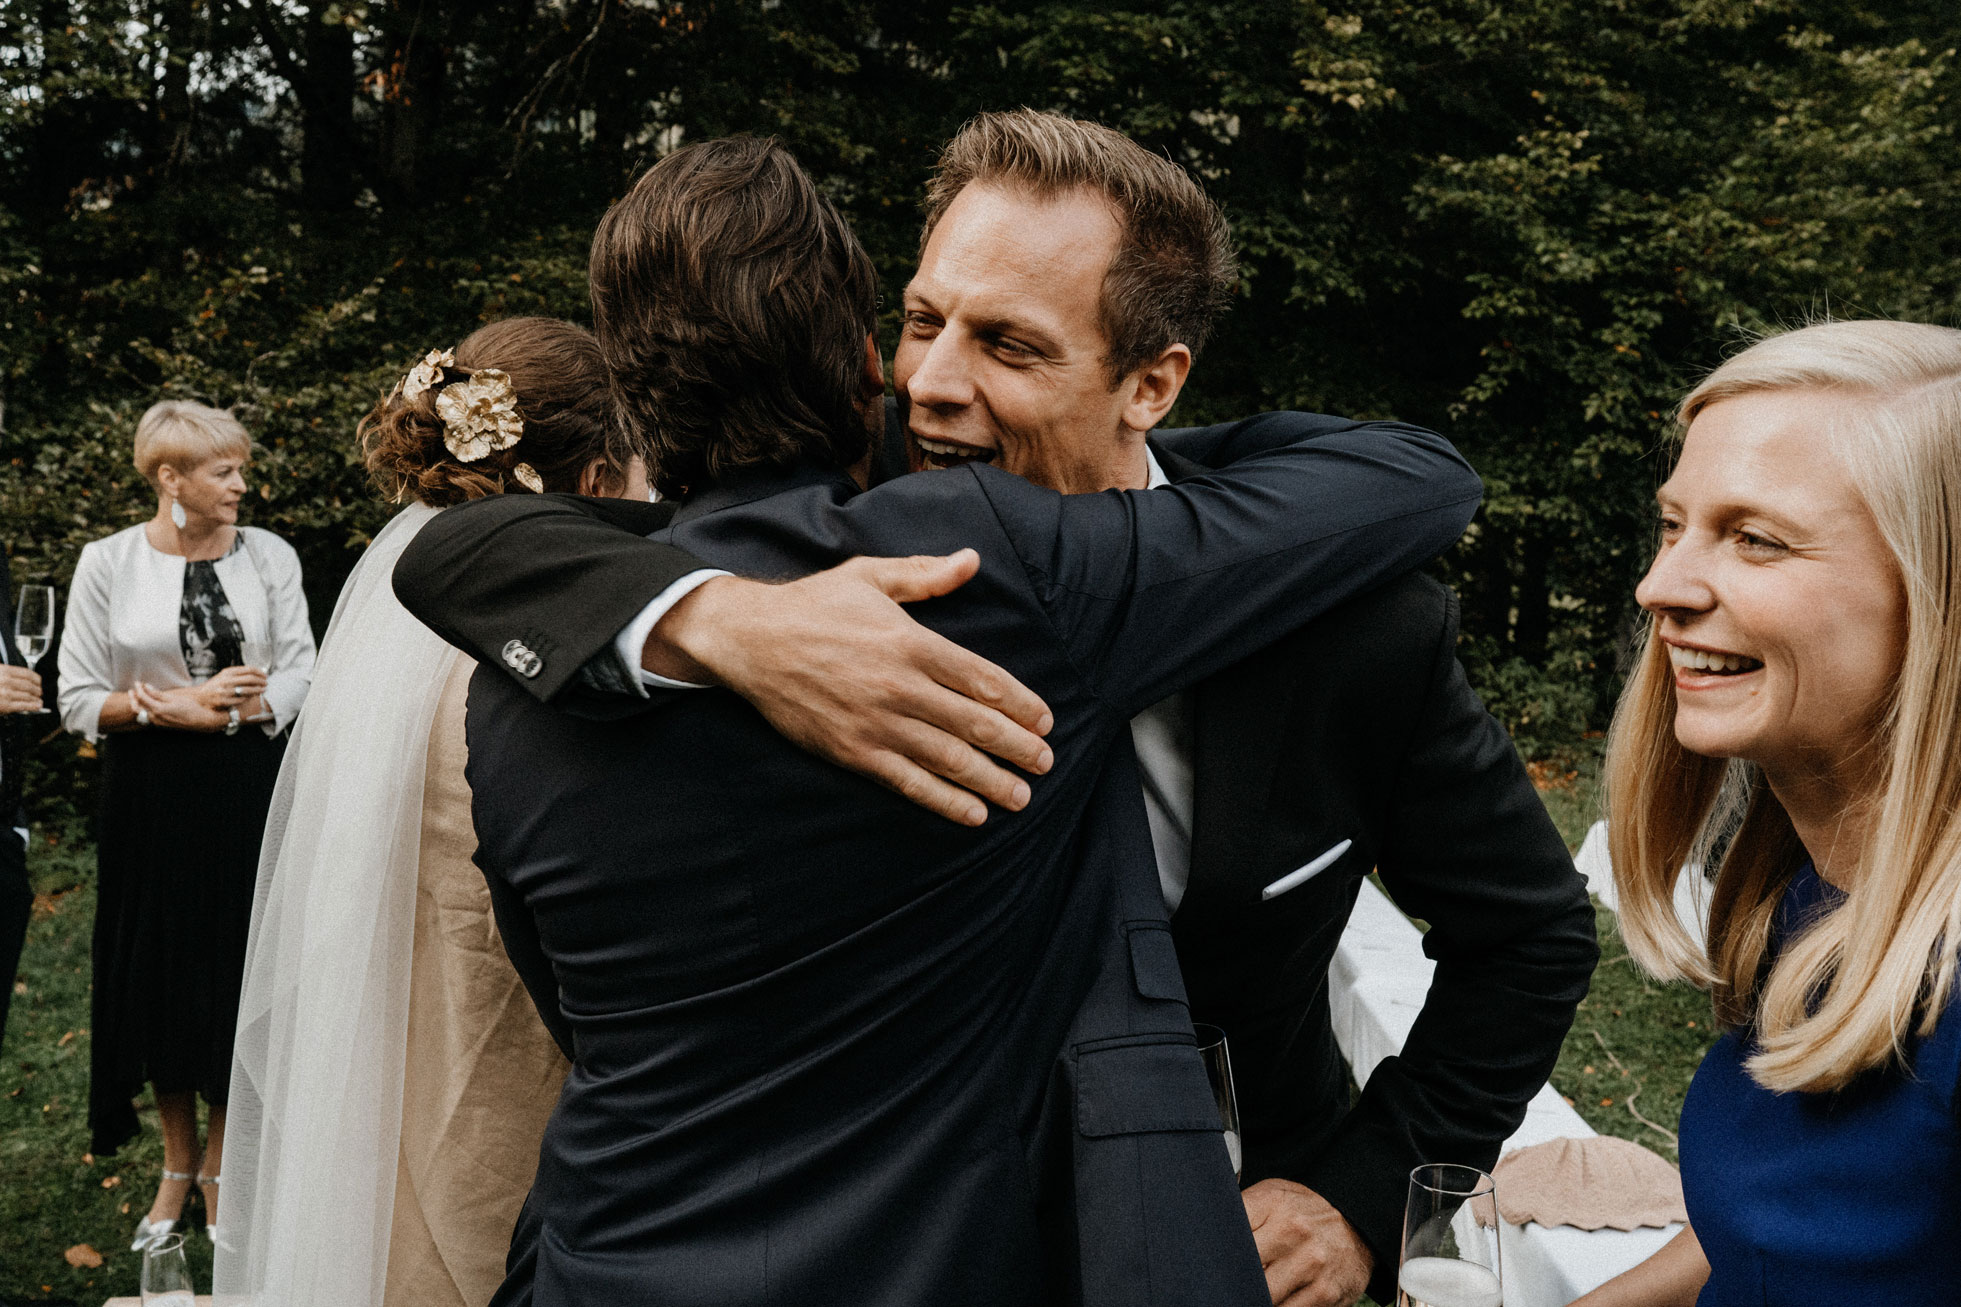 Hochzeit_Claire_Manuel_Villa_Maund_Daniel_Jenny-290.jpg